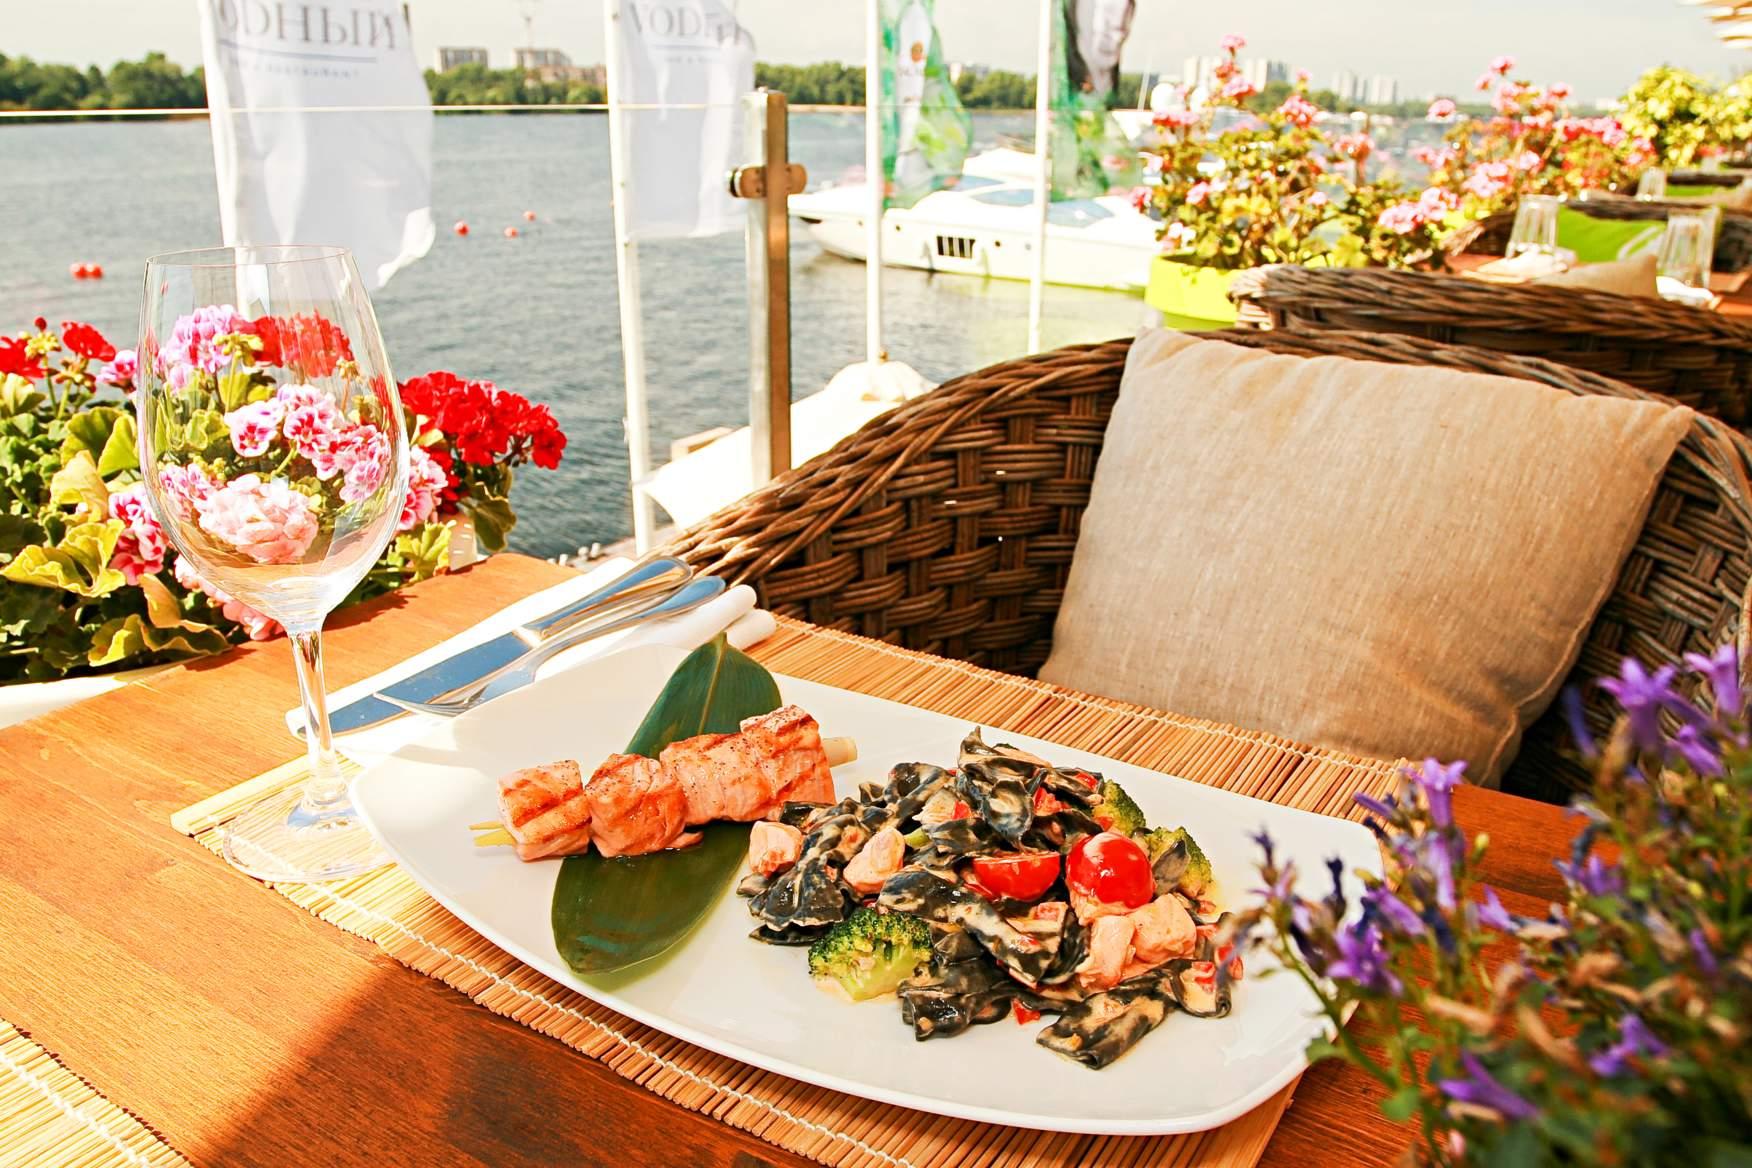 Итальянская кухня – одна из самых вкусных. Истинные гурманы отправляются в прибрежные кафе или дорогие рестораны.